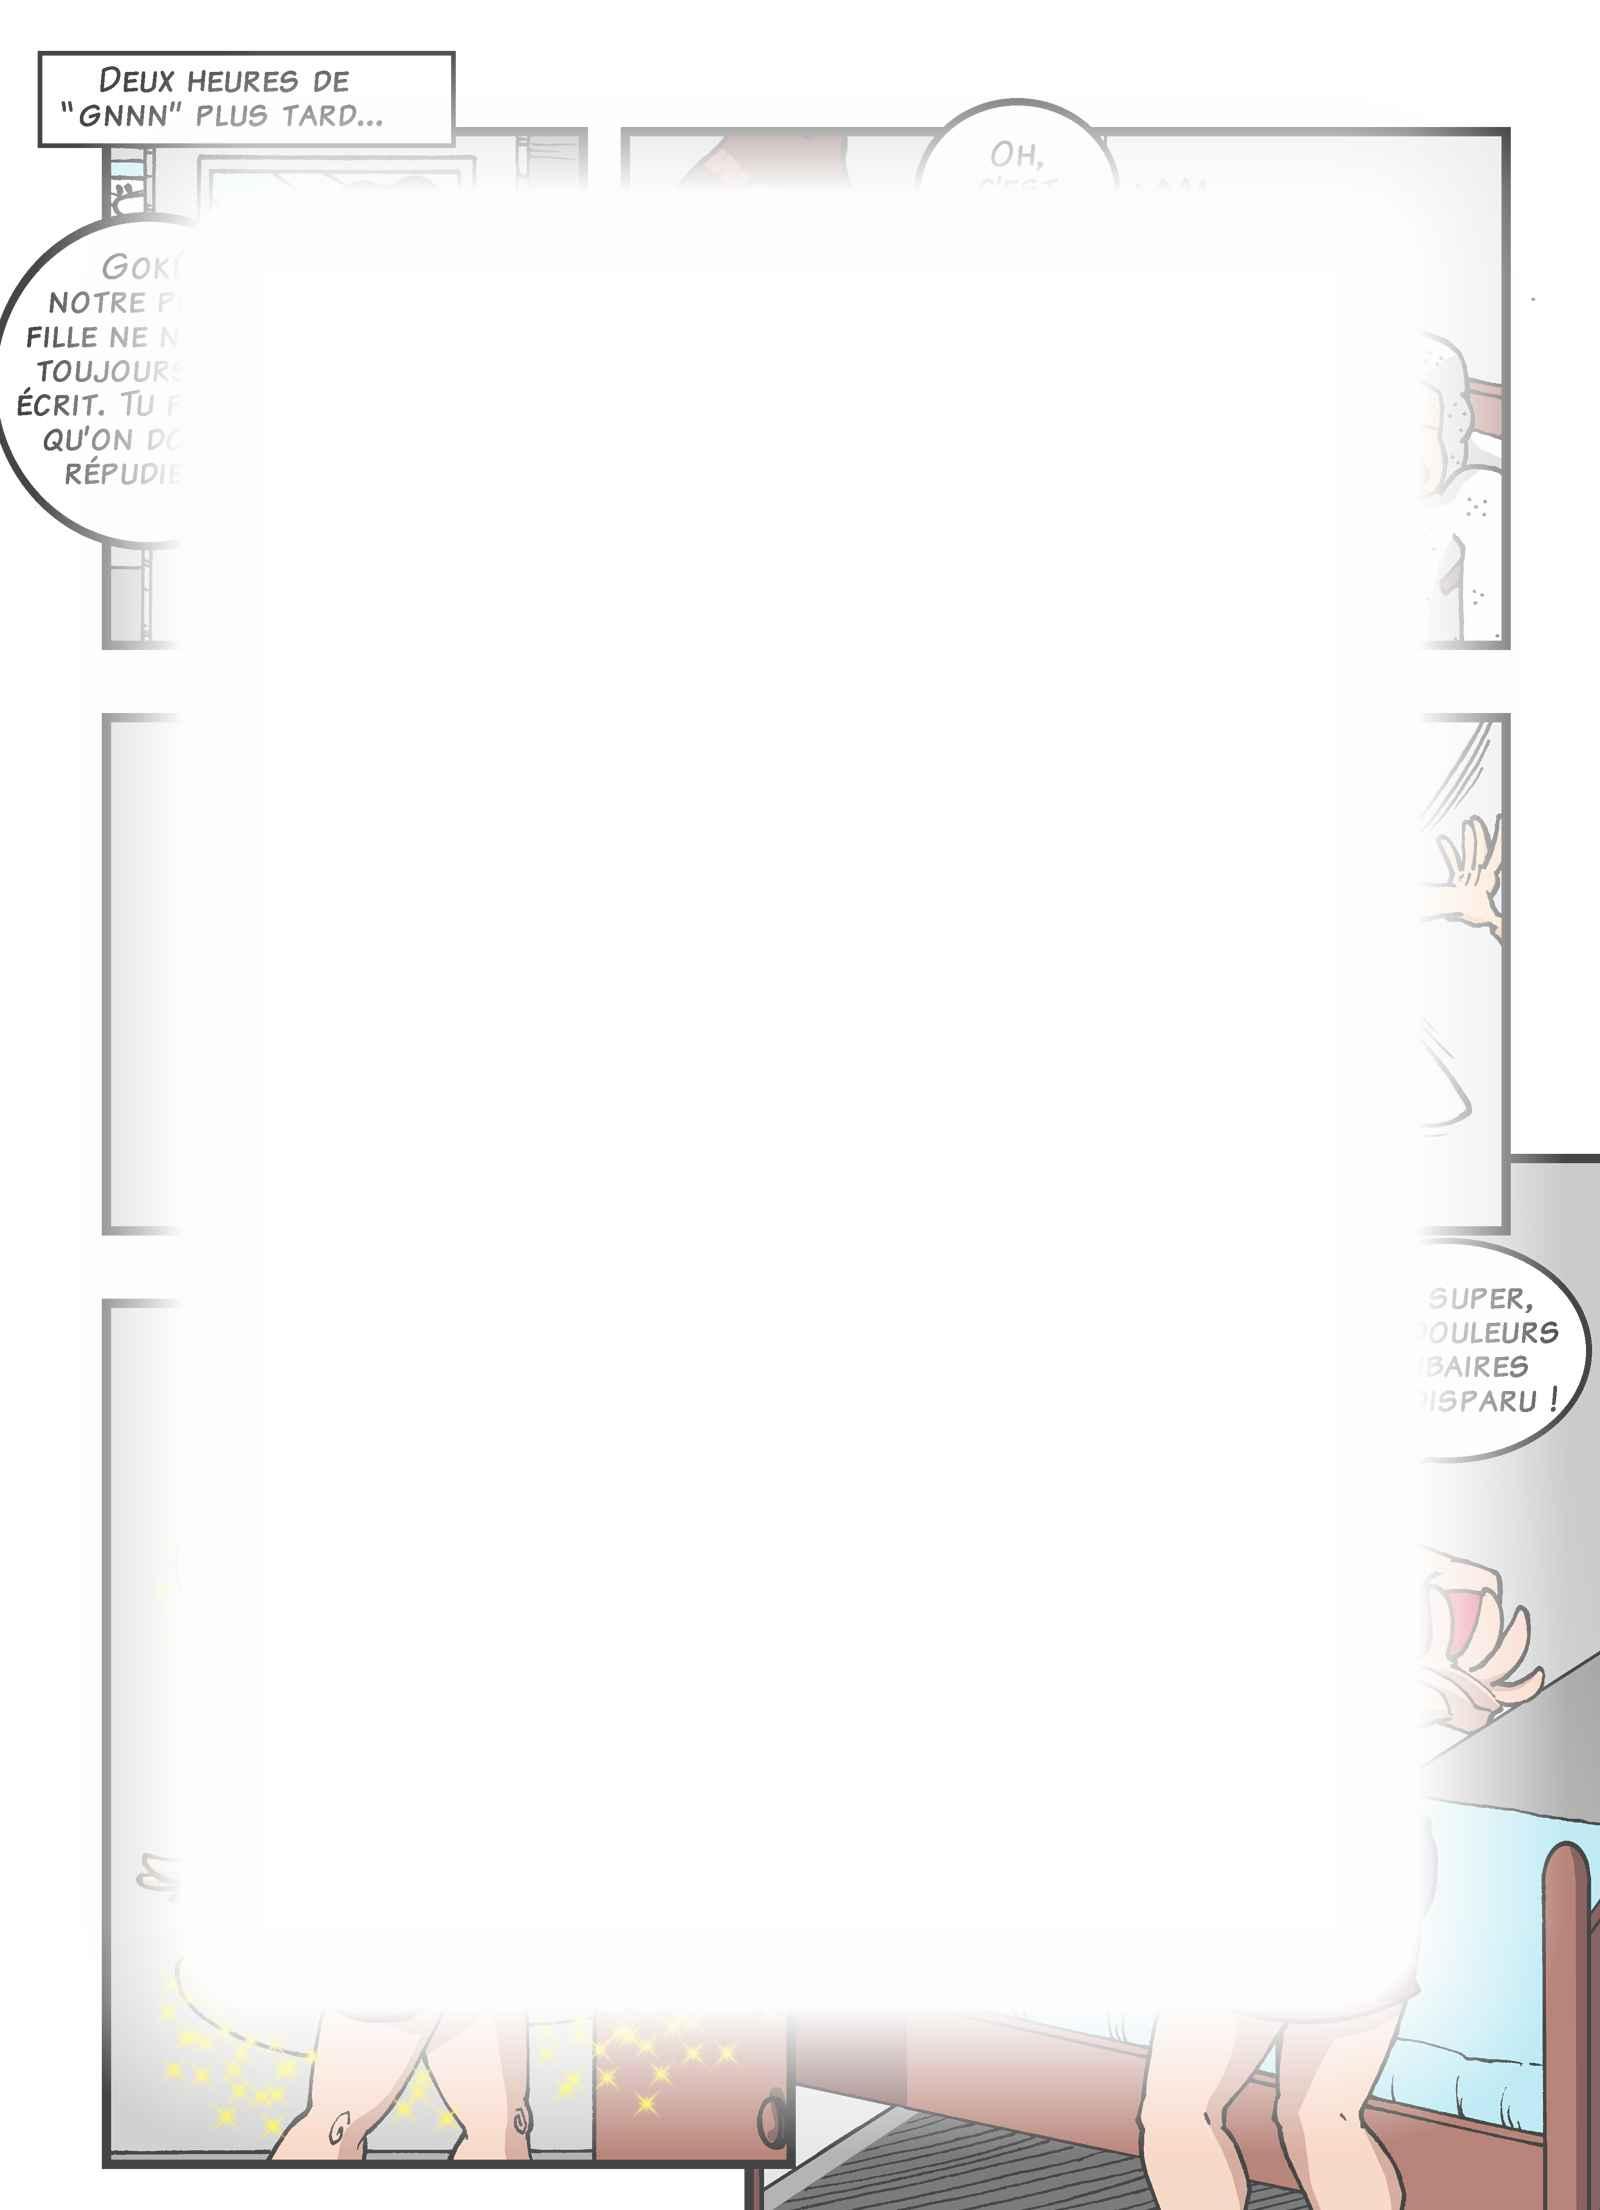 Super Dragon Bros Z : Chapitre 9 page 12